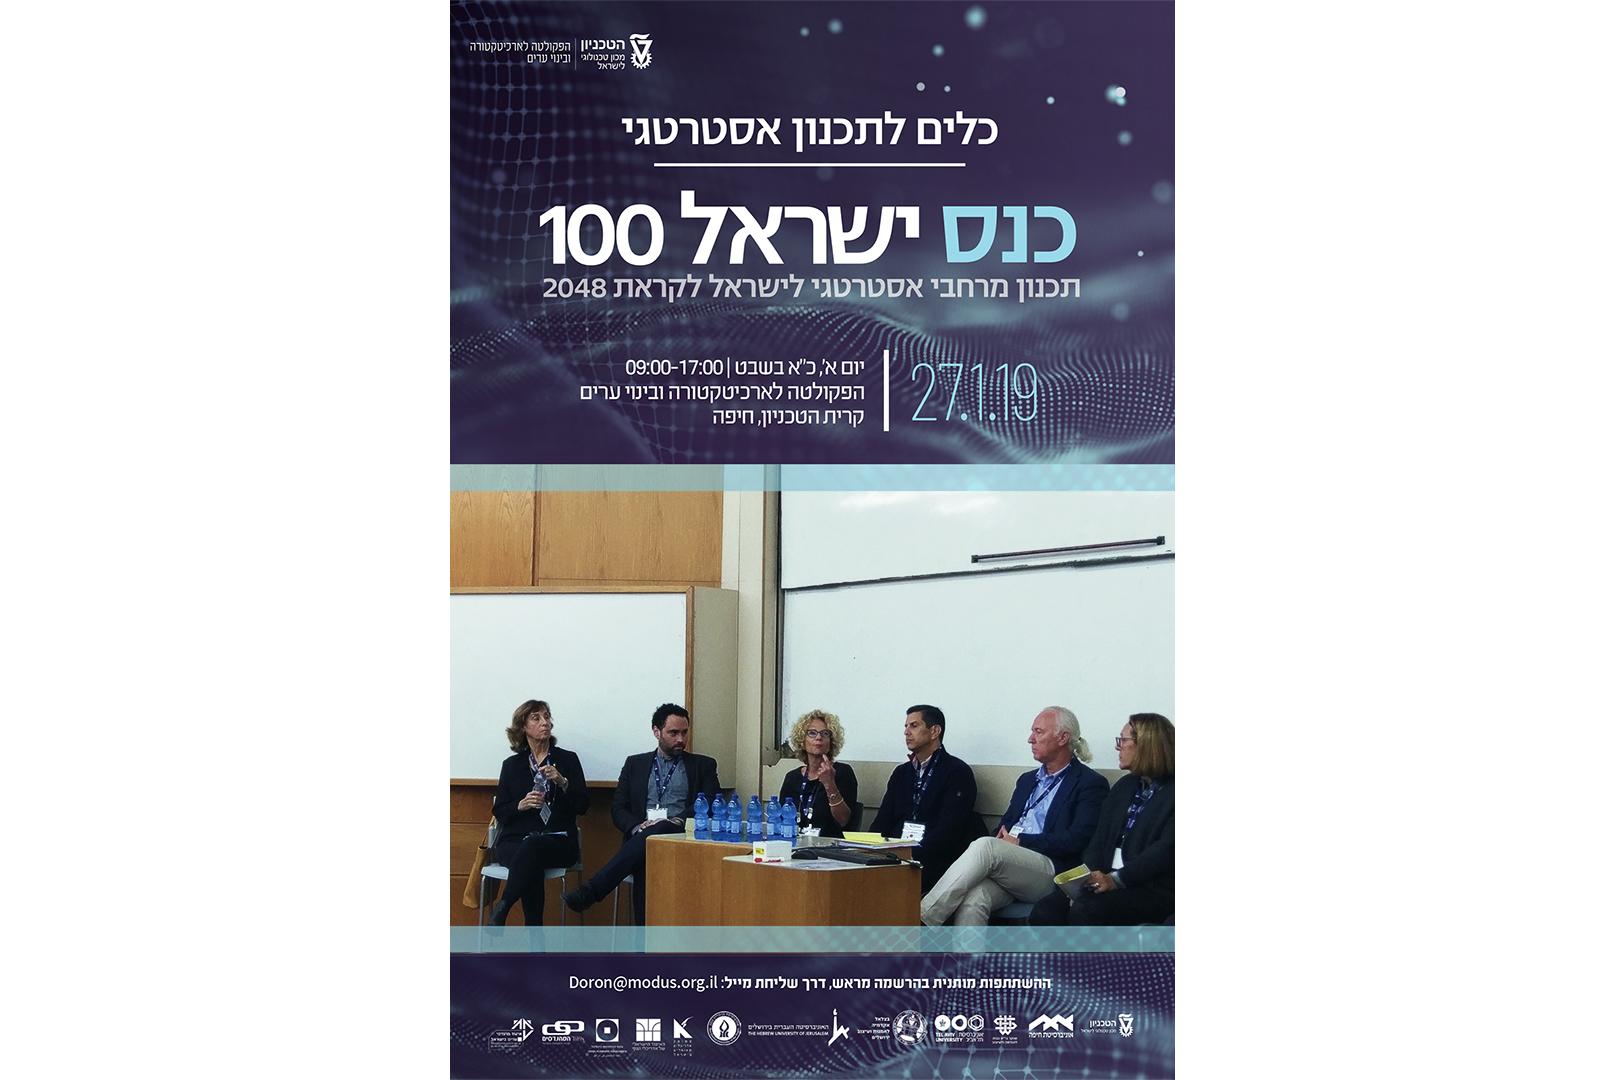 קיסלוב קיי אדריכלים- כנס ישראל 100